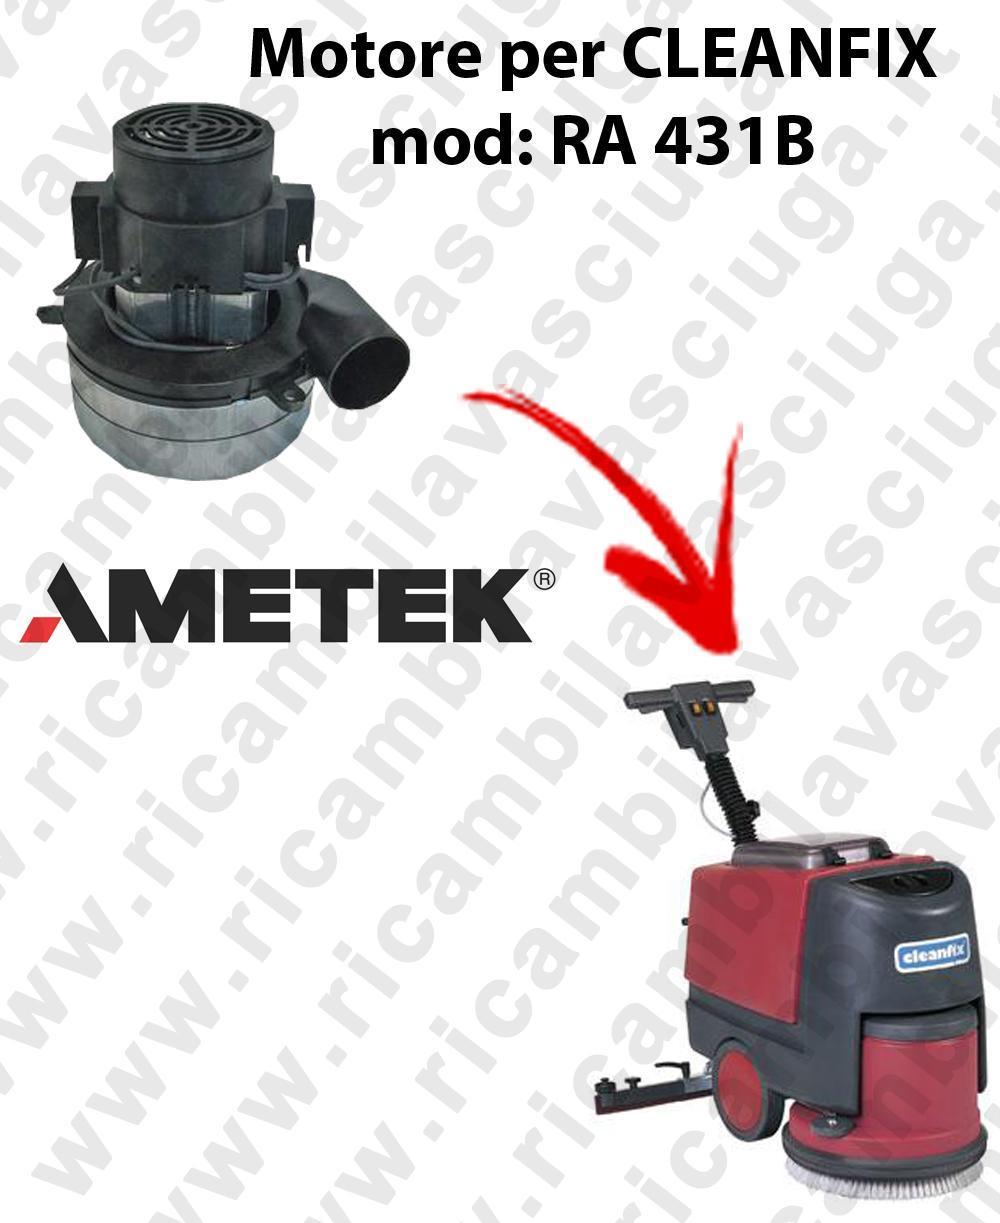 RA 431B Motore de aspiración Ametek Italia  para fregadora CLEANFIX